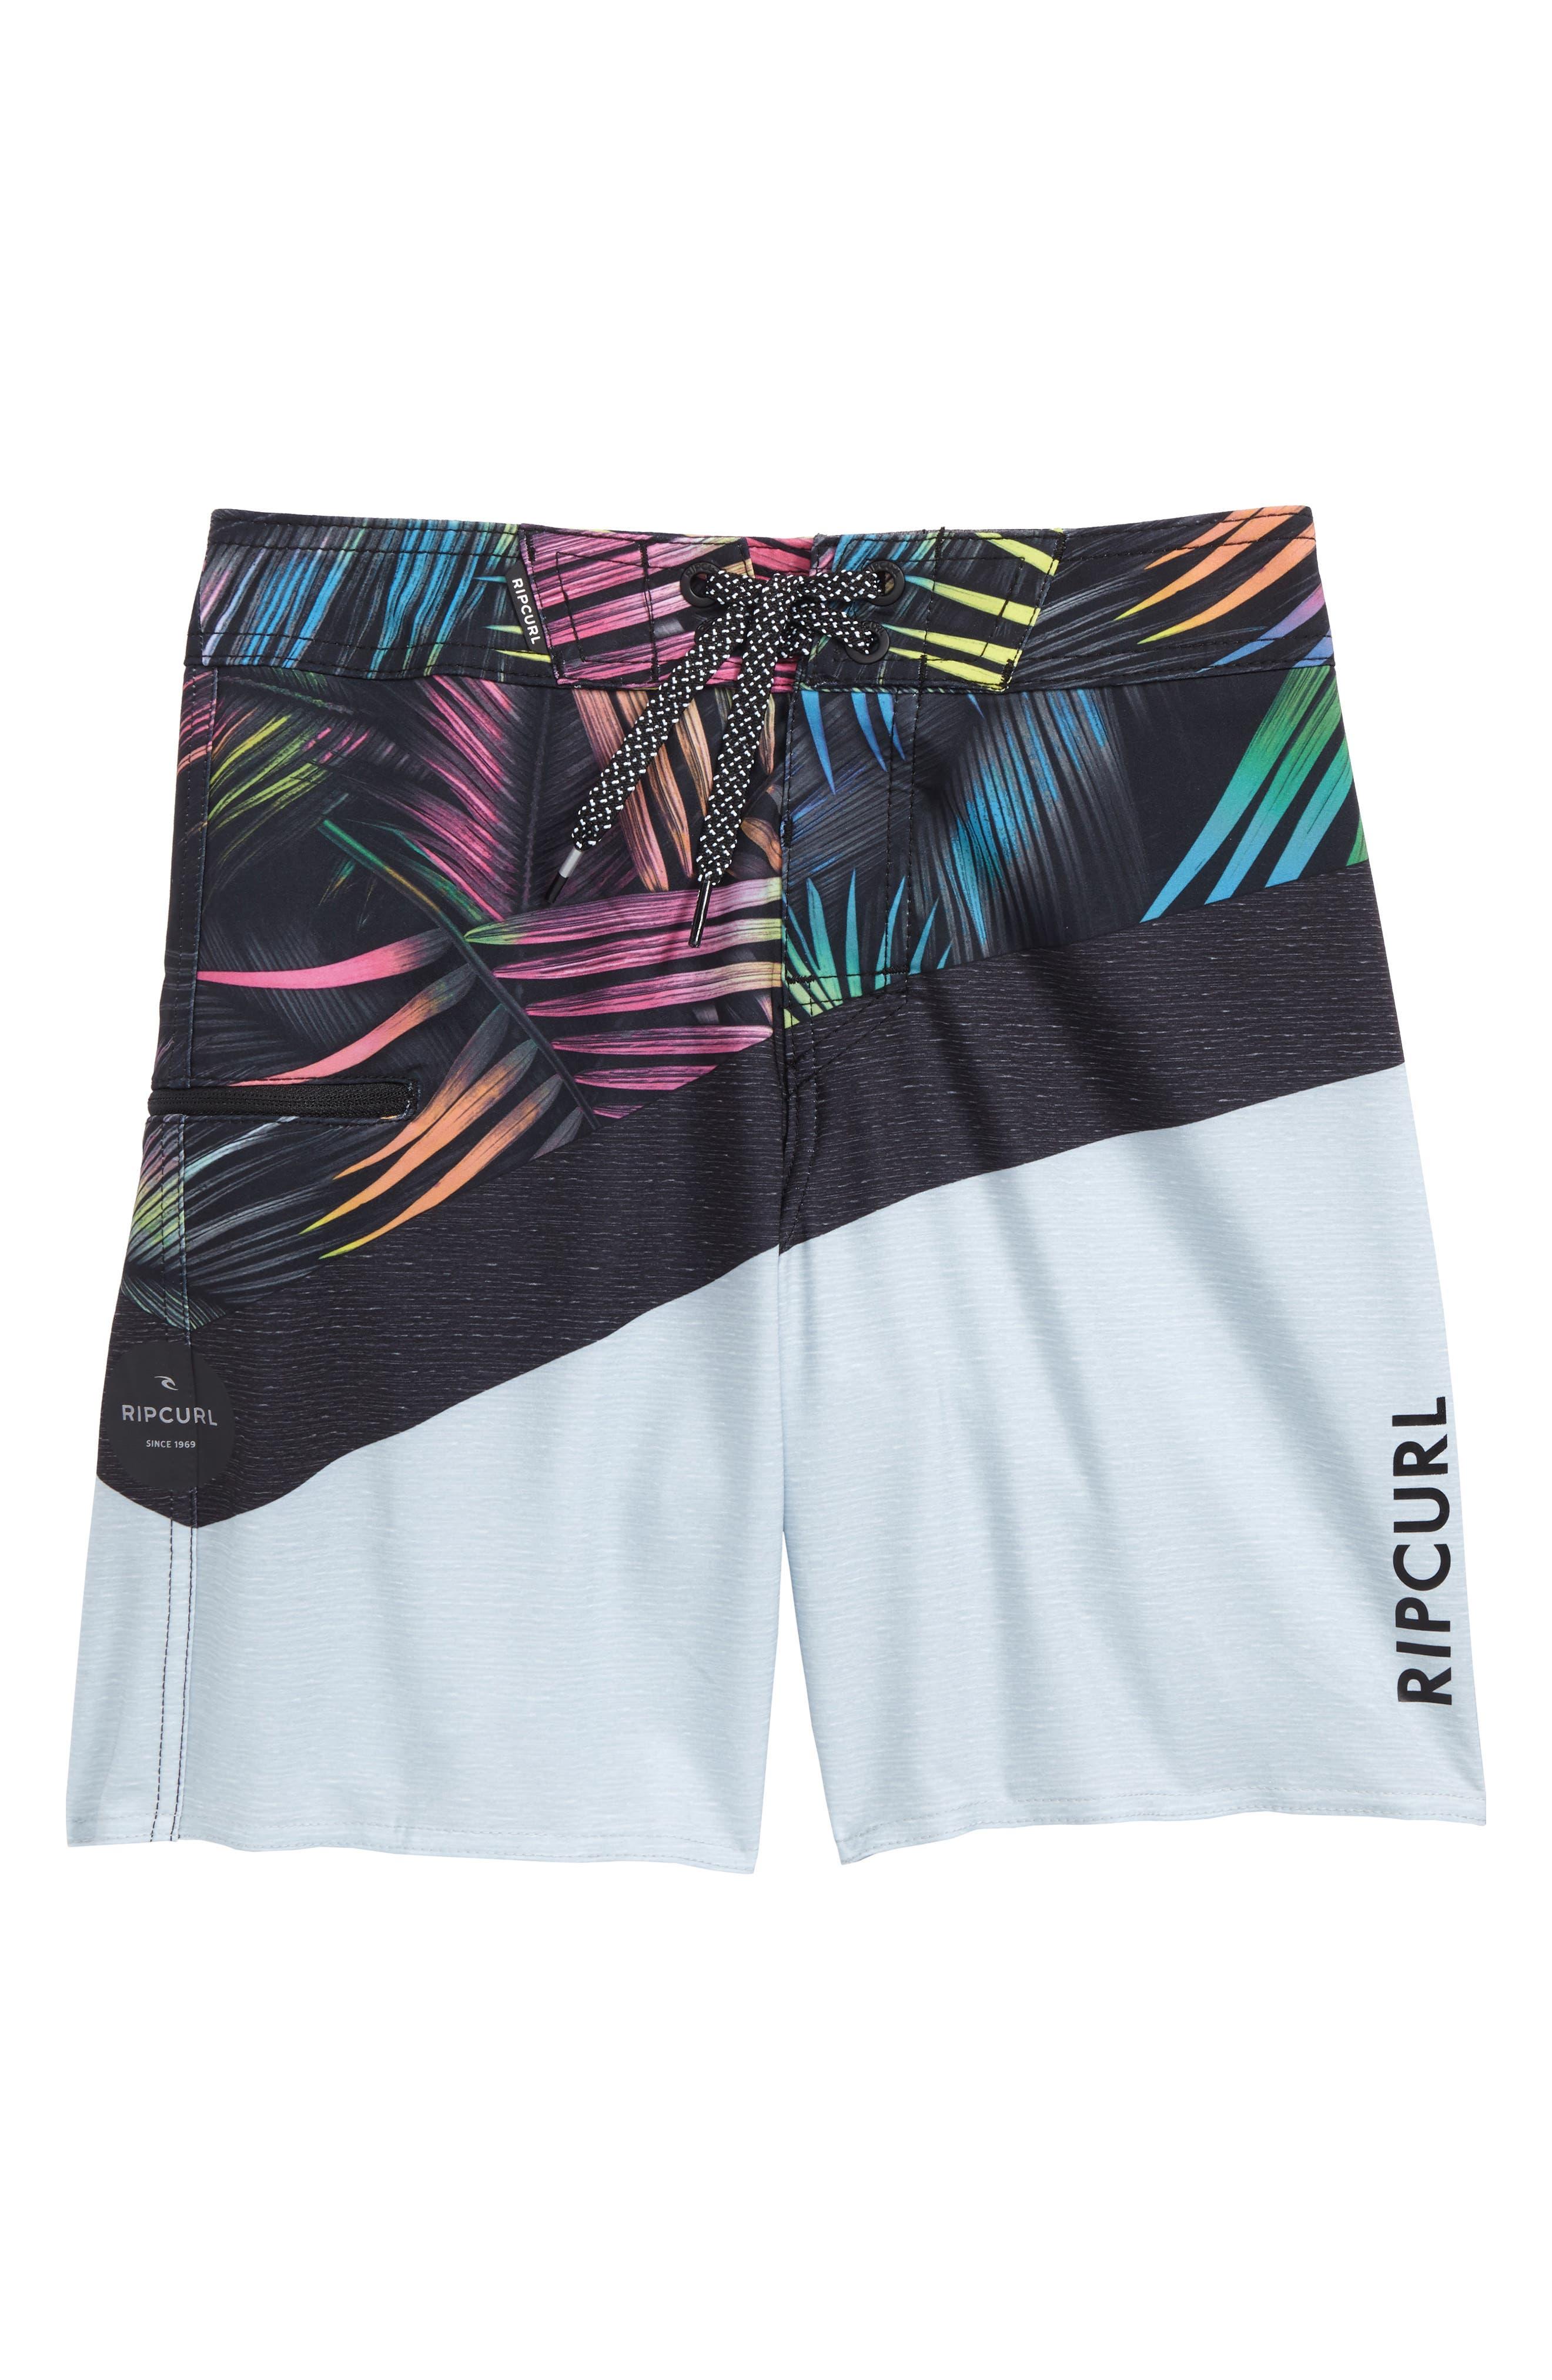 Mirage Incline Board Shorts,                             Main thumbnail 1, color,                             001